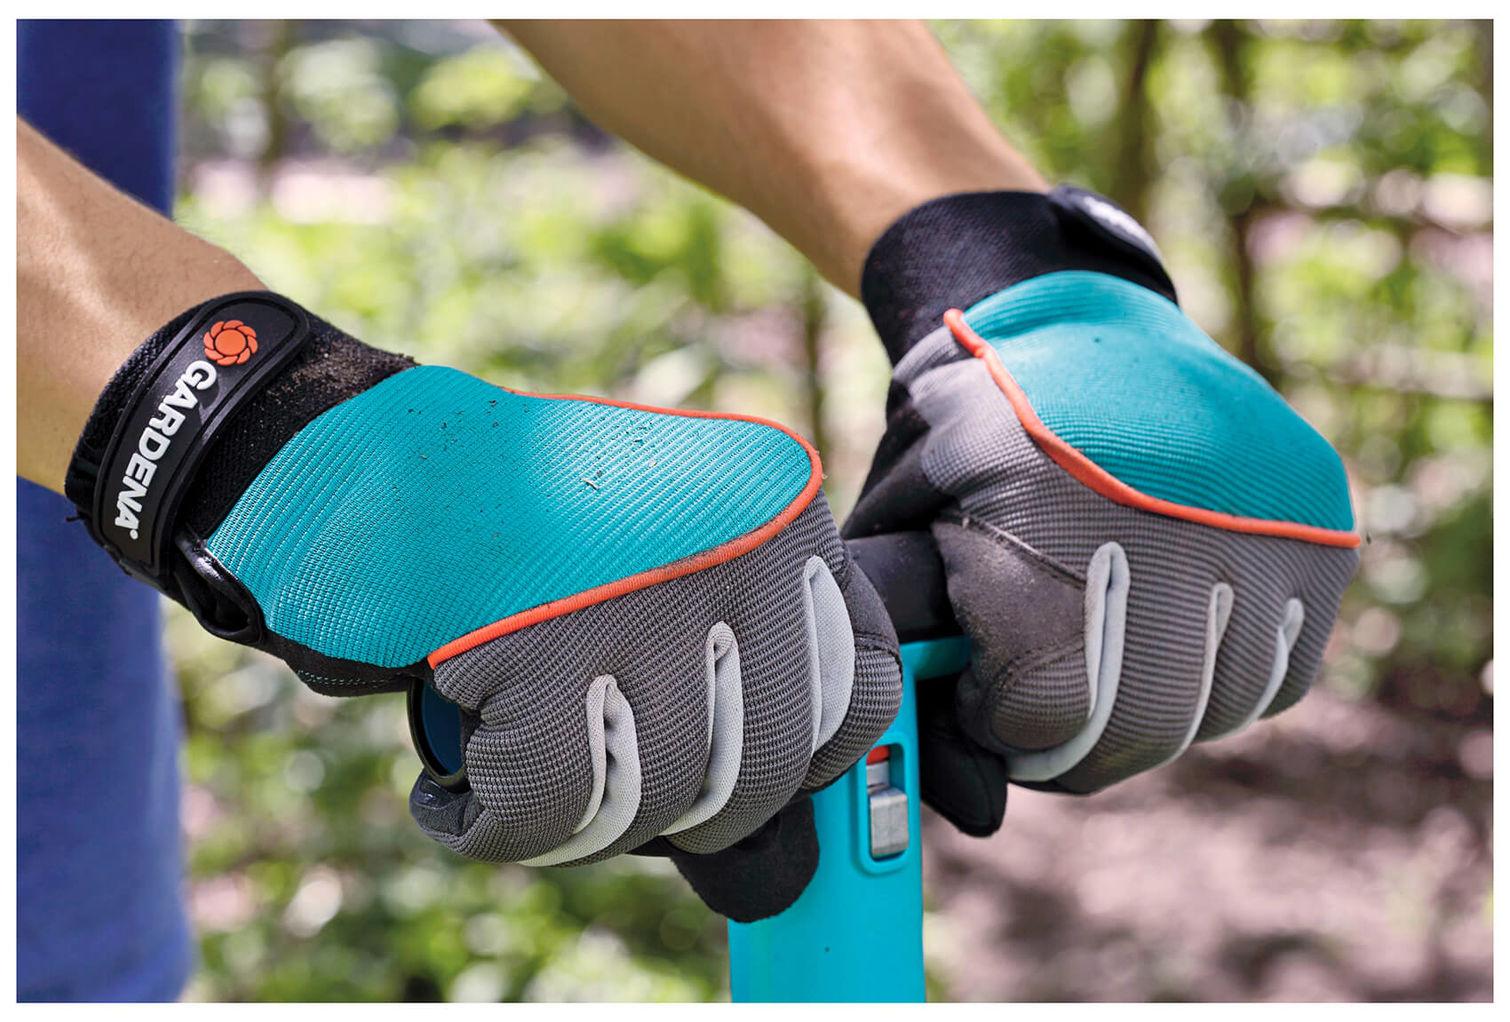 prezzi al dettaglio ultimo design belle scarpe Gardena Guanti da lavoro Misura 8 / M turchese